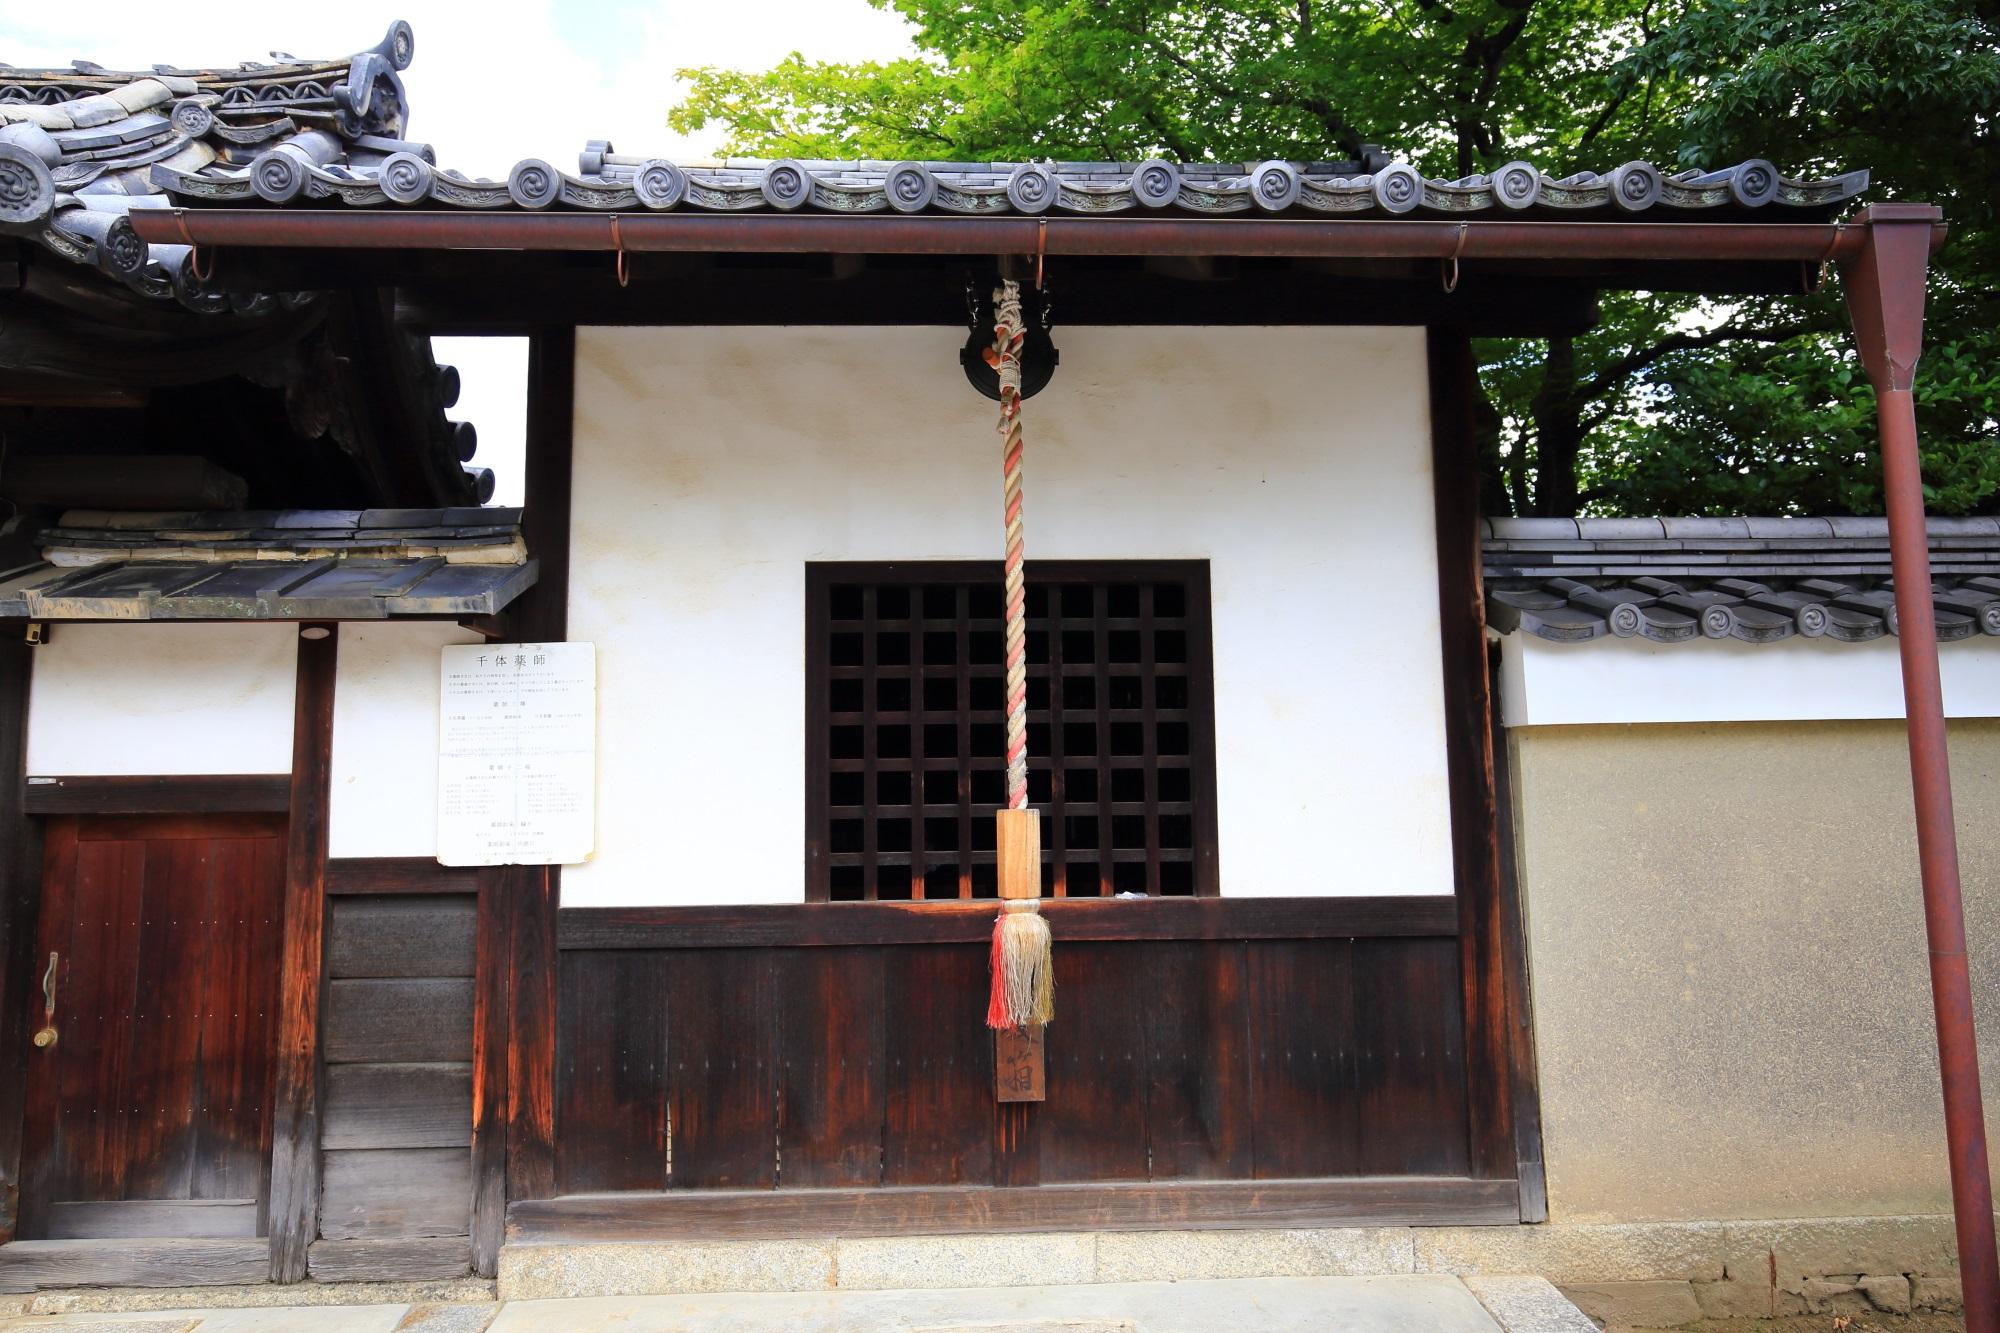 浄福寺(じょうふくじ)の千体薬師